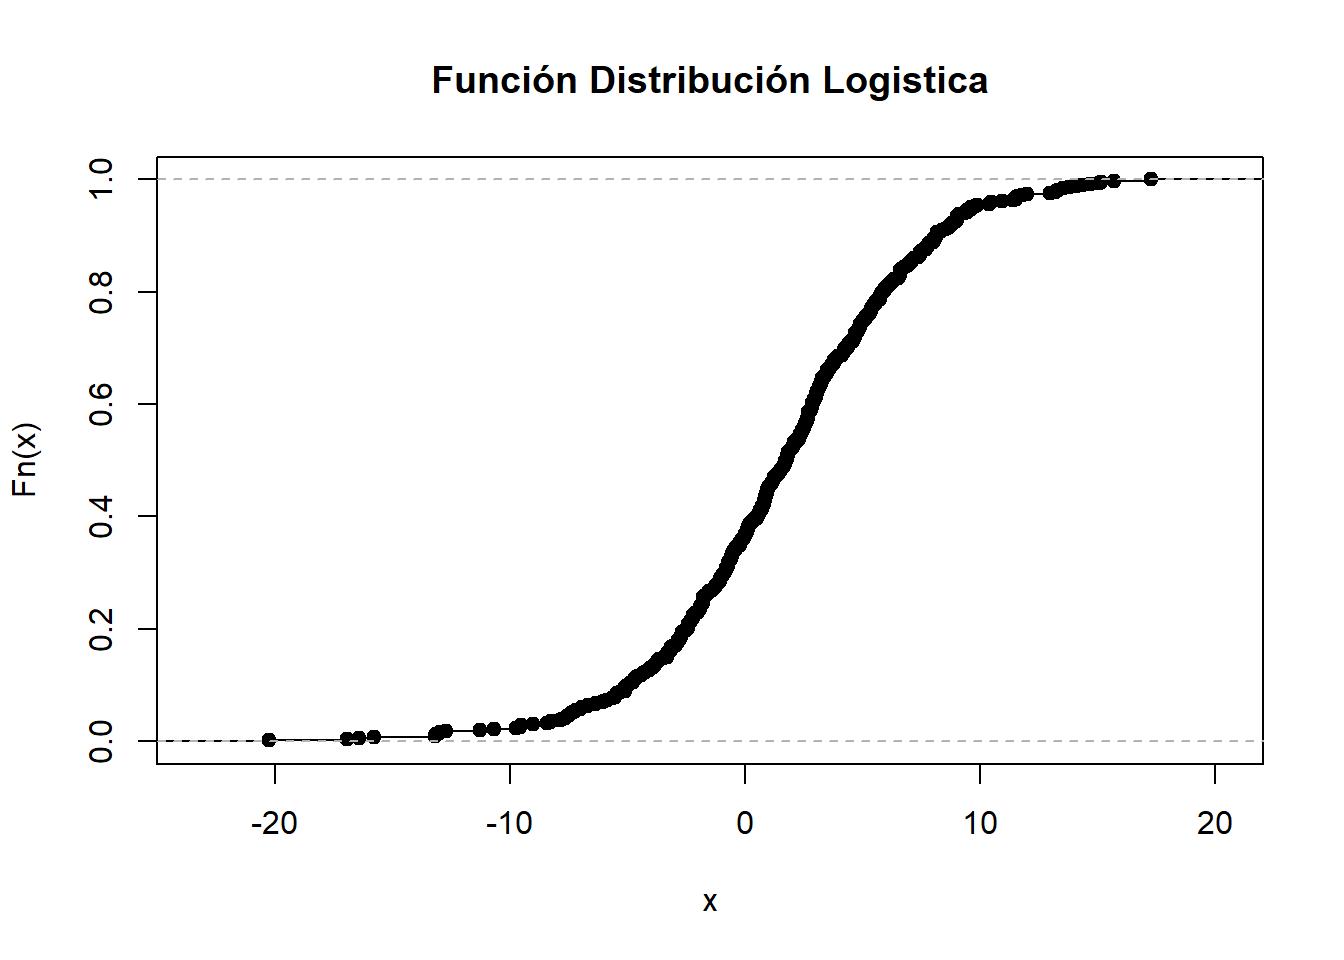 5197313ce Debido a que la función de distribución logística no tiene forma lineal